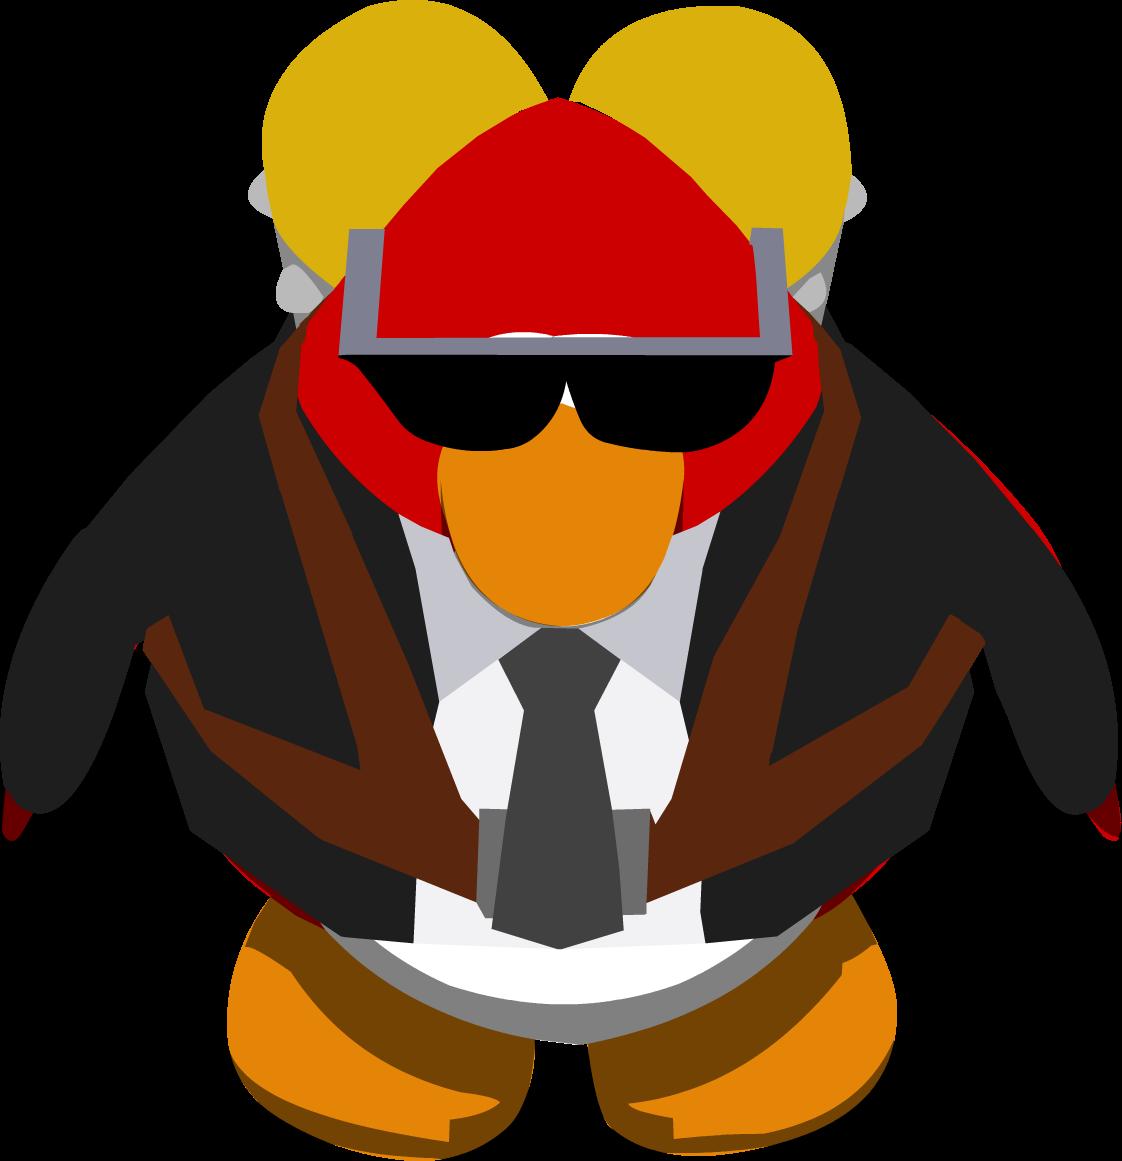 Maracas clipart club penguin. Dubstep wiki fandom powered